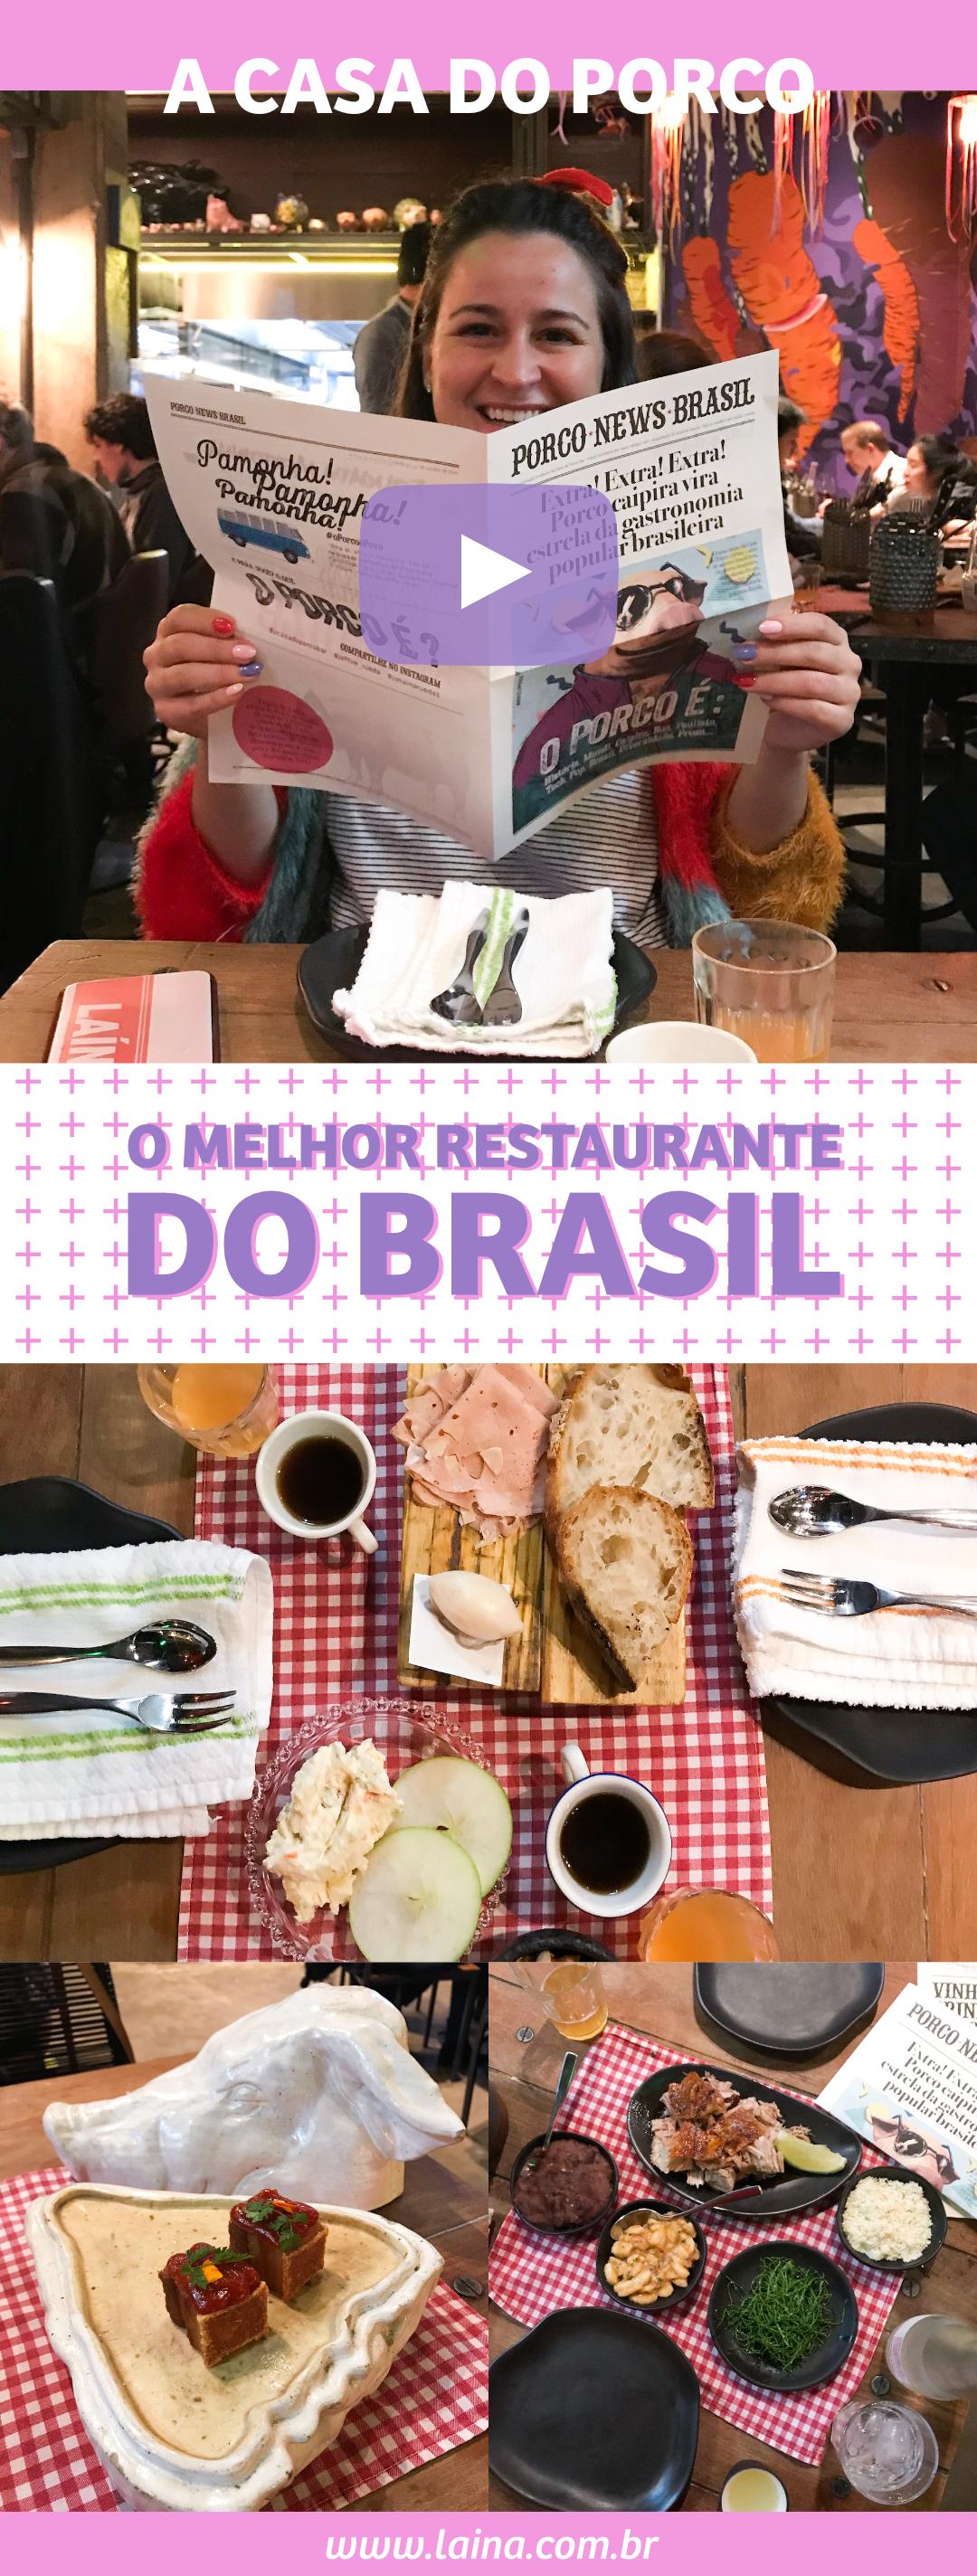 A Casa do Porco: O melhor restaurante do Brasil